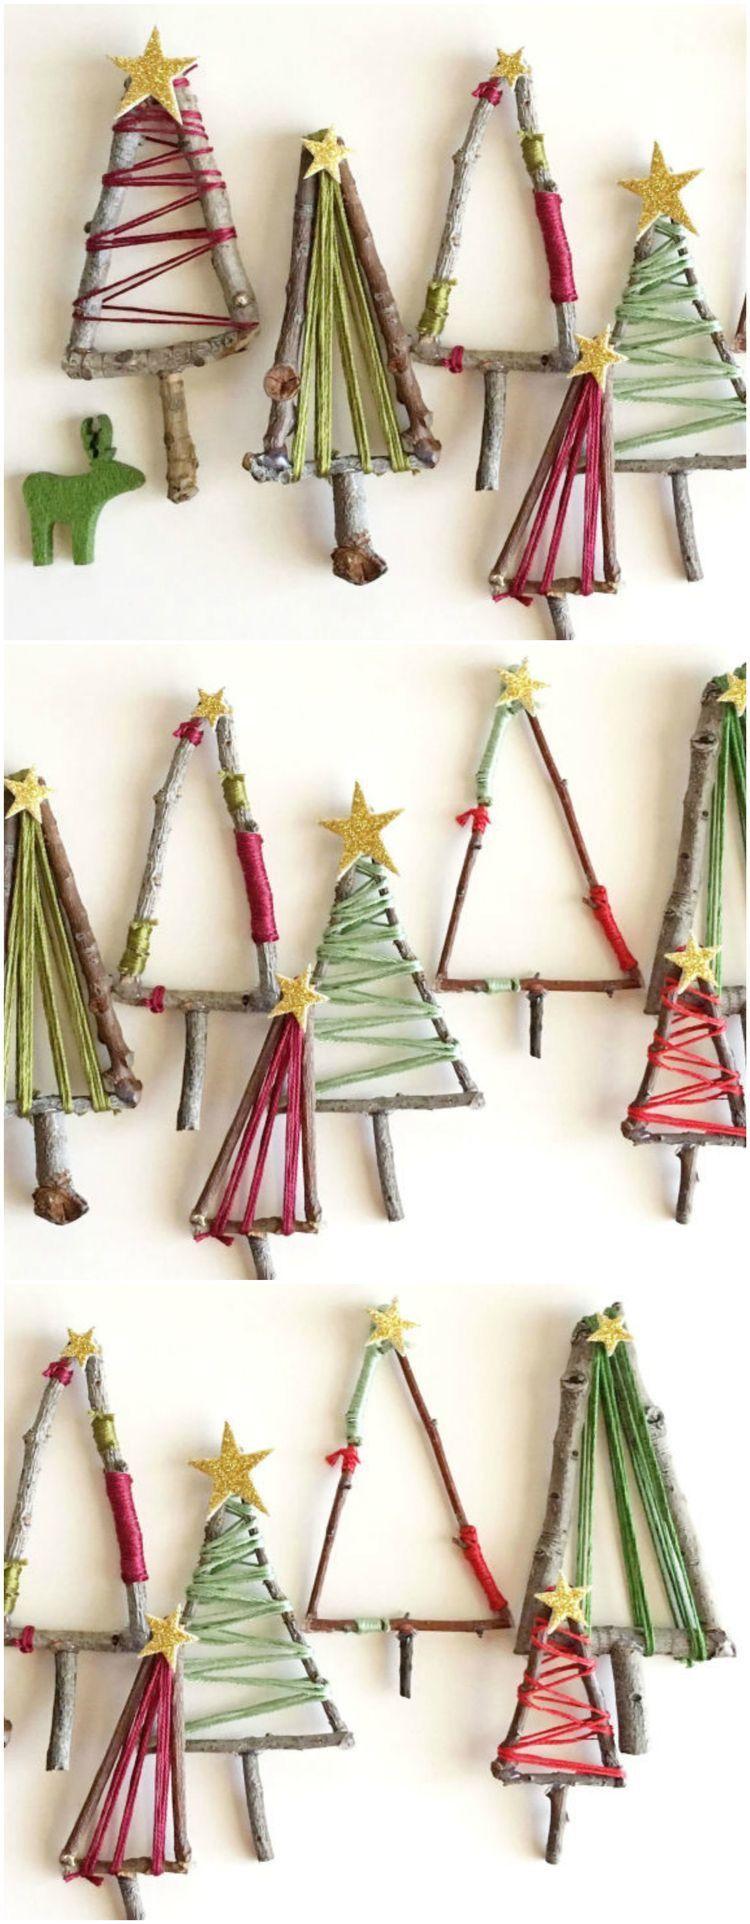 Wat een schattigr kerstboomhangers van takjes en draad! #weihnachtsbastelnnaturmaterialien